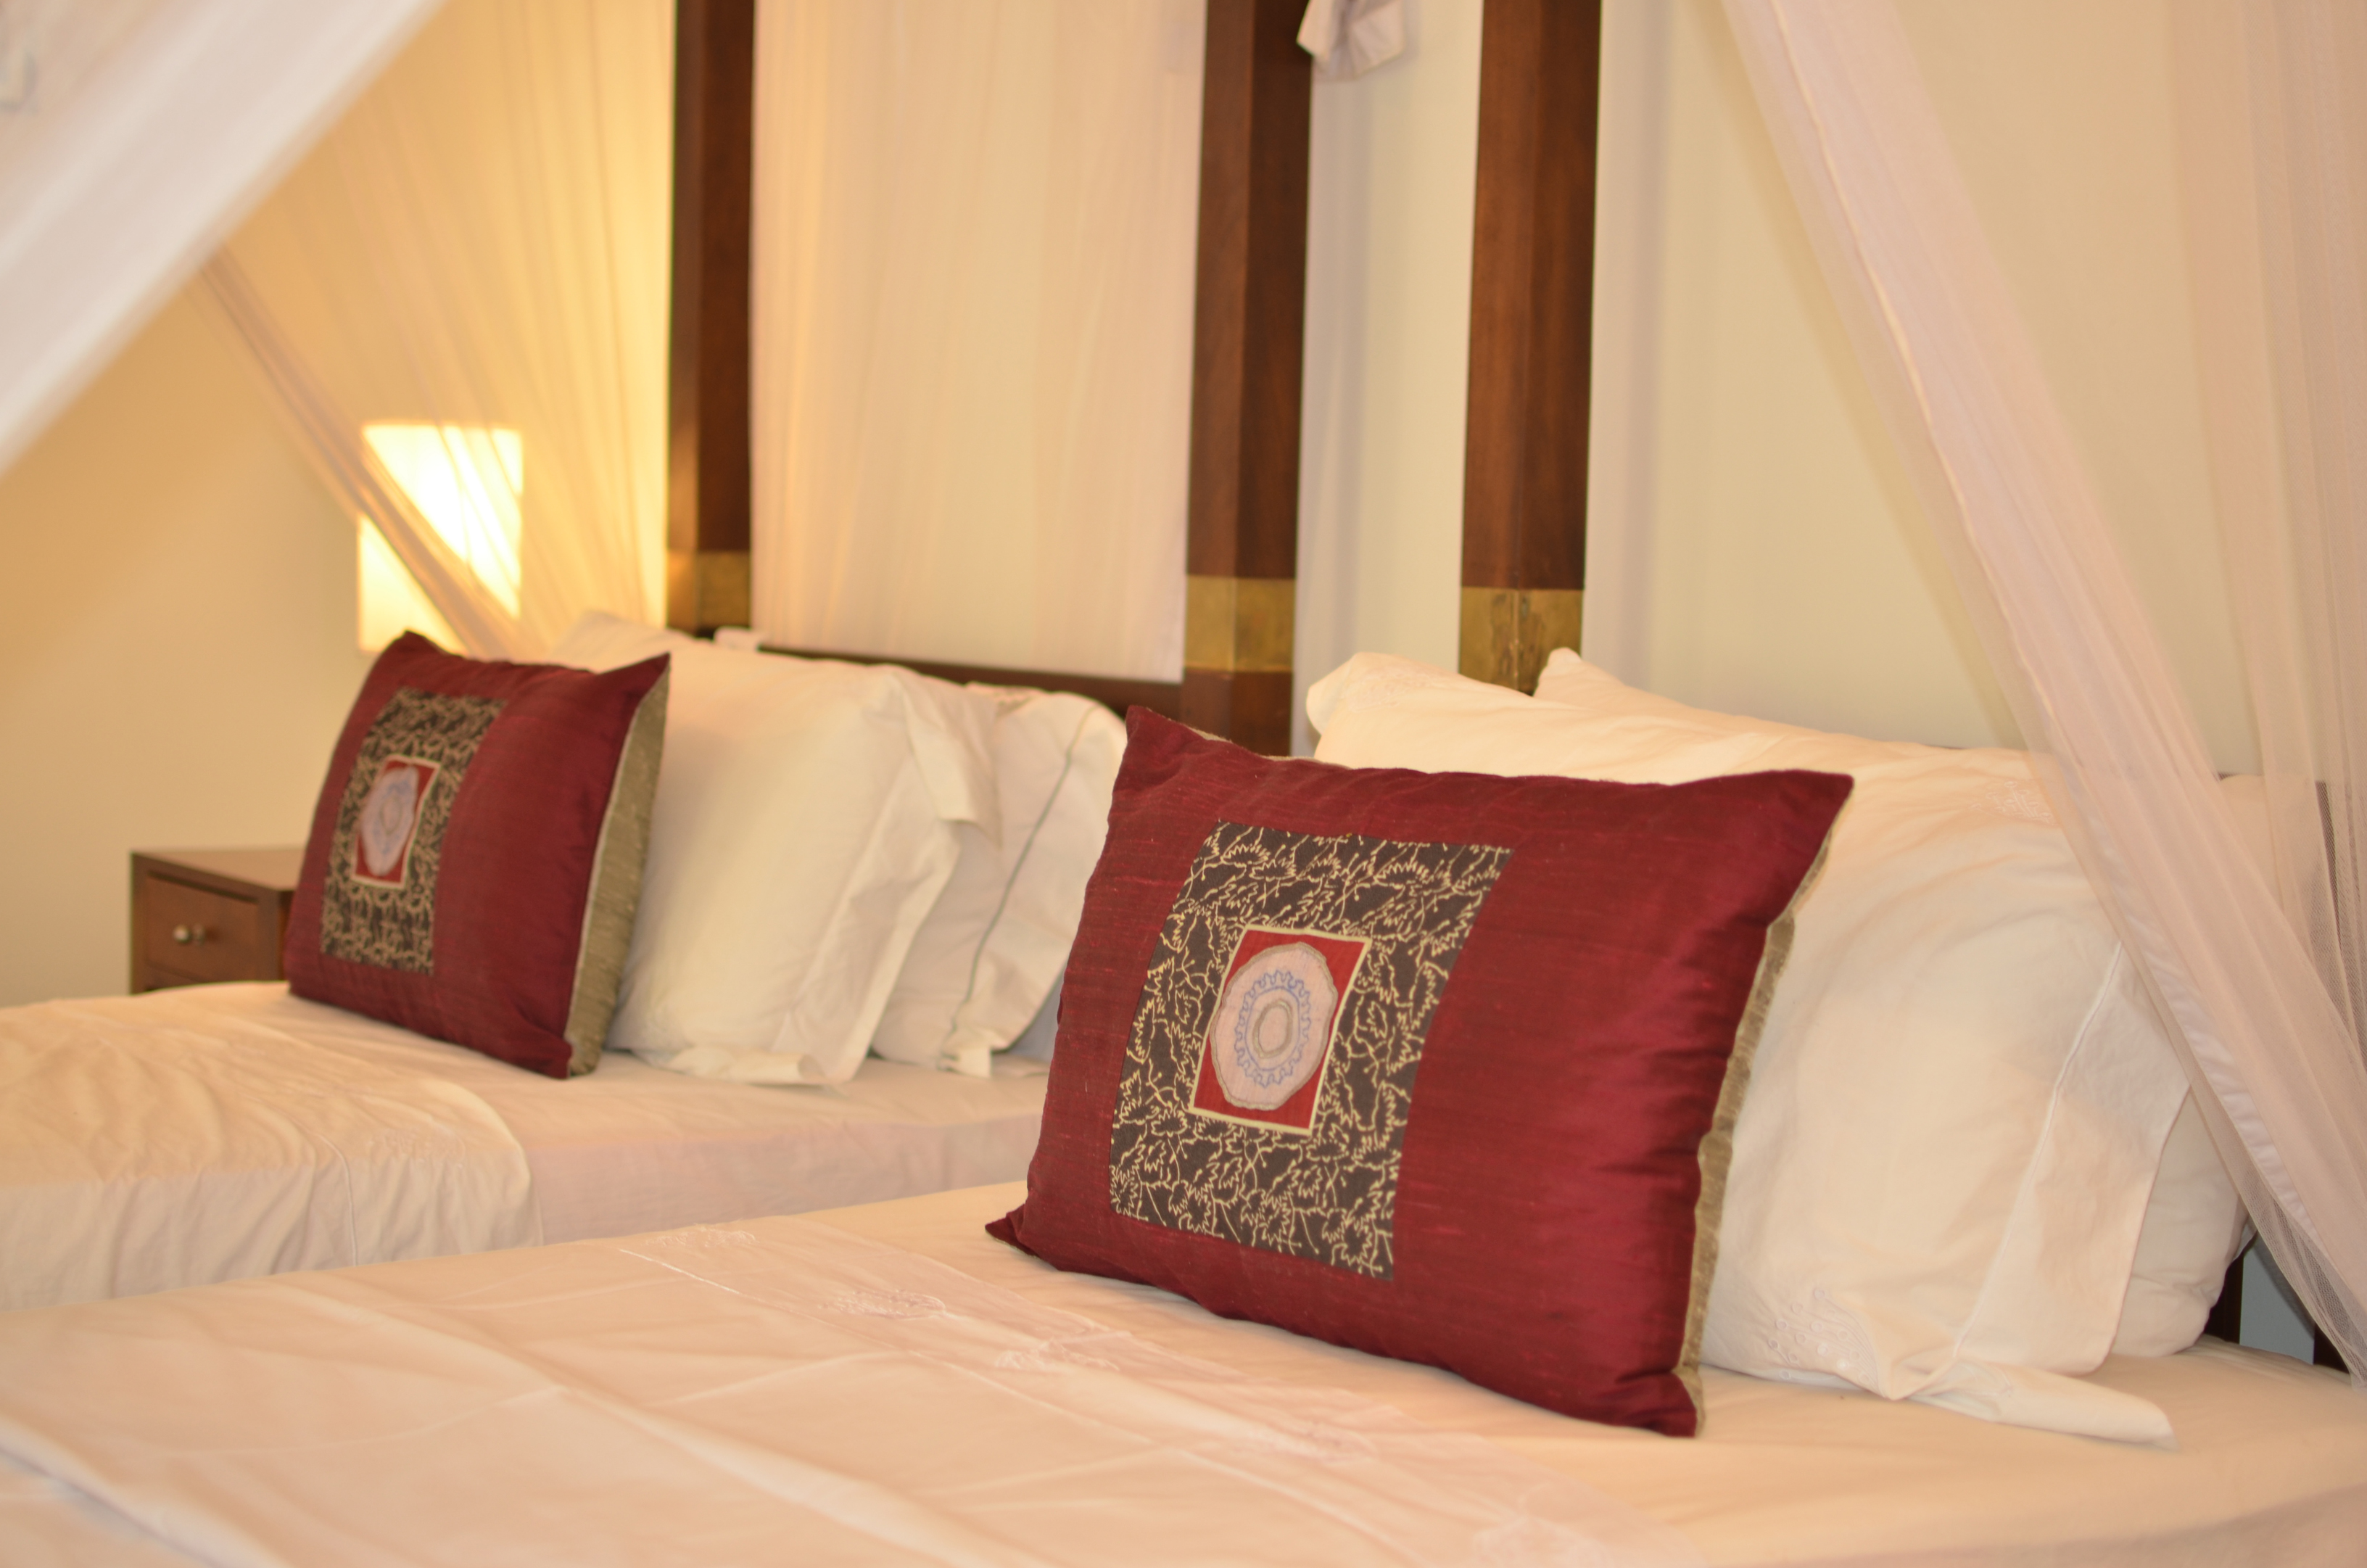 Luxury cotton linen ensures a good night sleep.